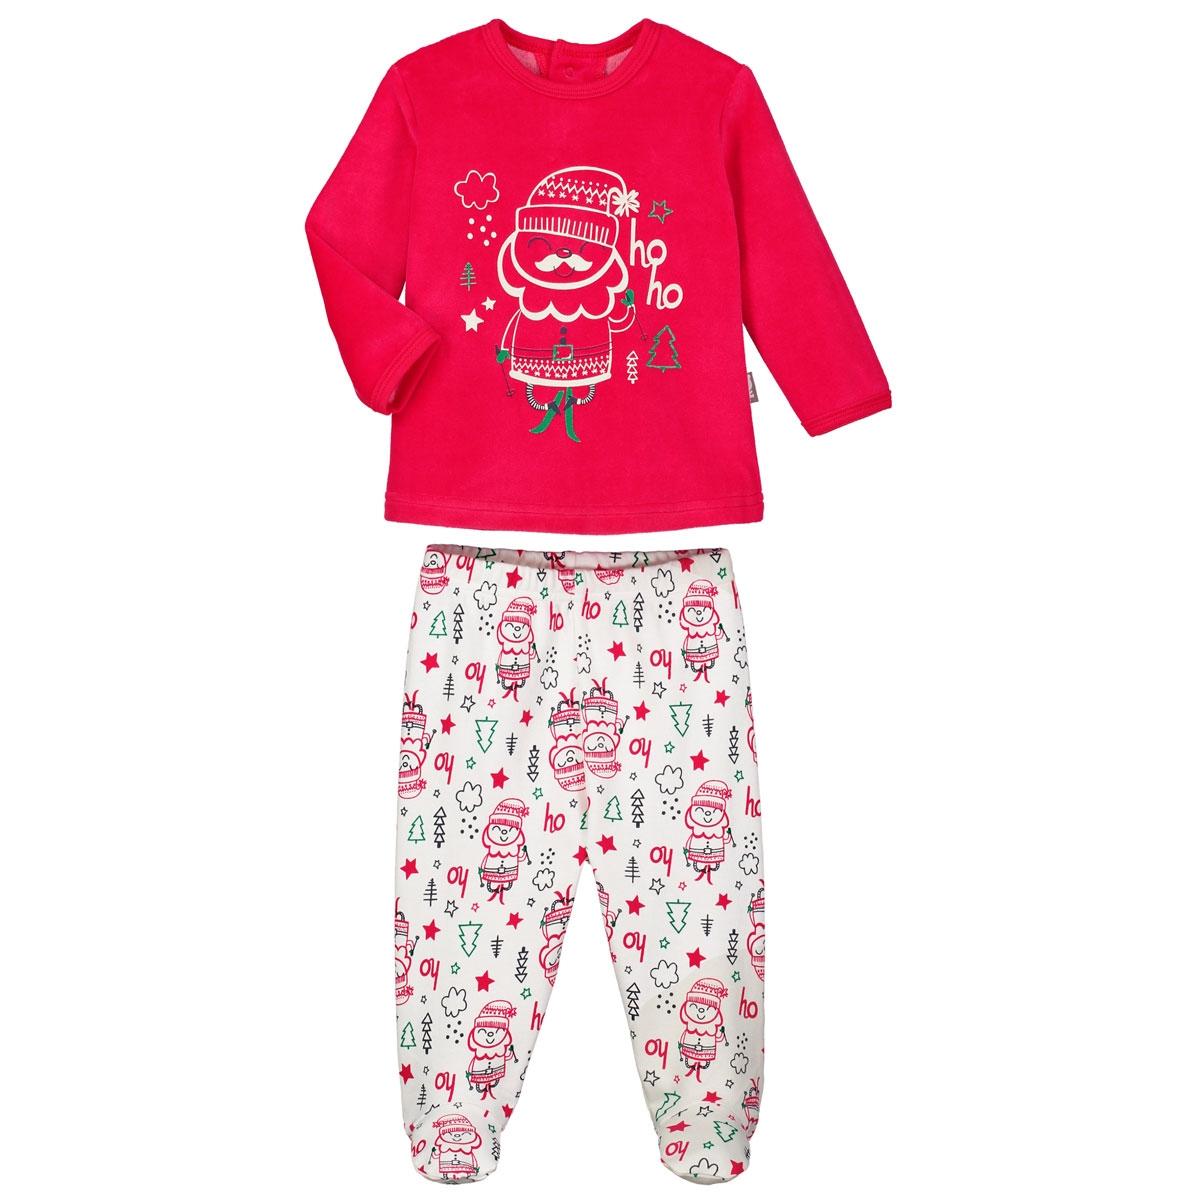 a629c37e6556e Pyjama bébé 2 pièces avec pieds Ho Ho - PETIT BEGUIN